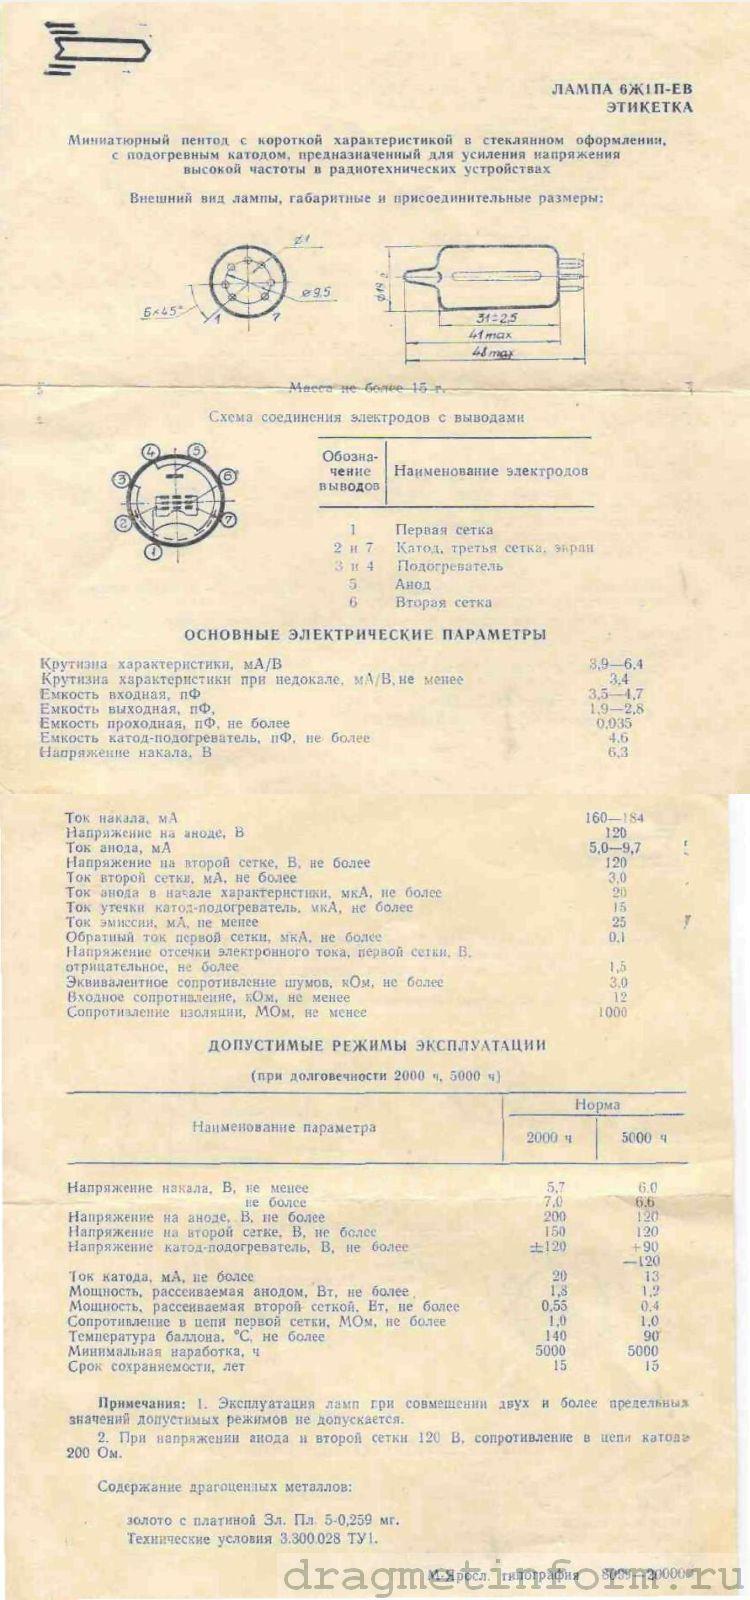 Формуляр 6Ж1П-ЕВ